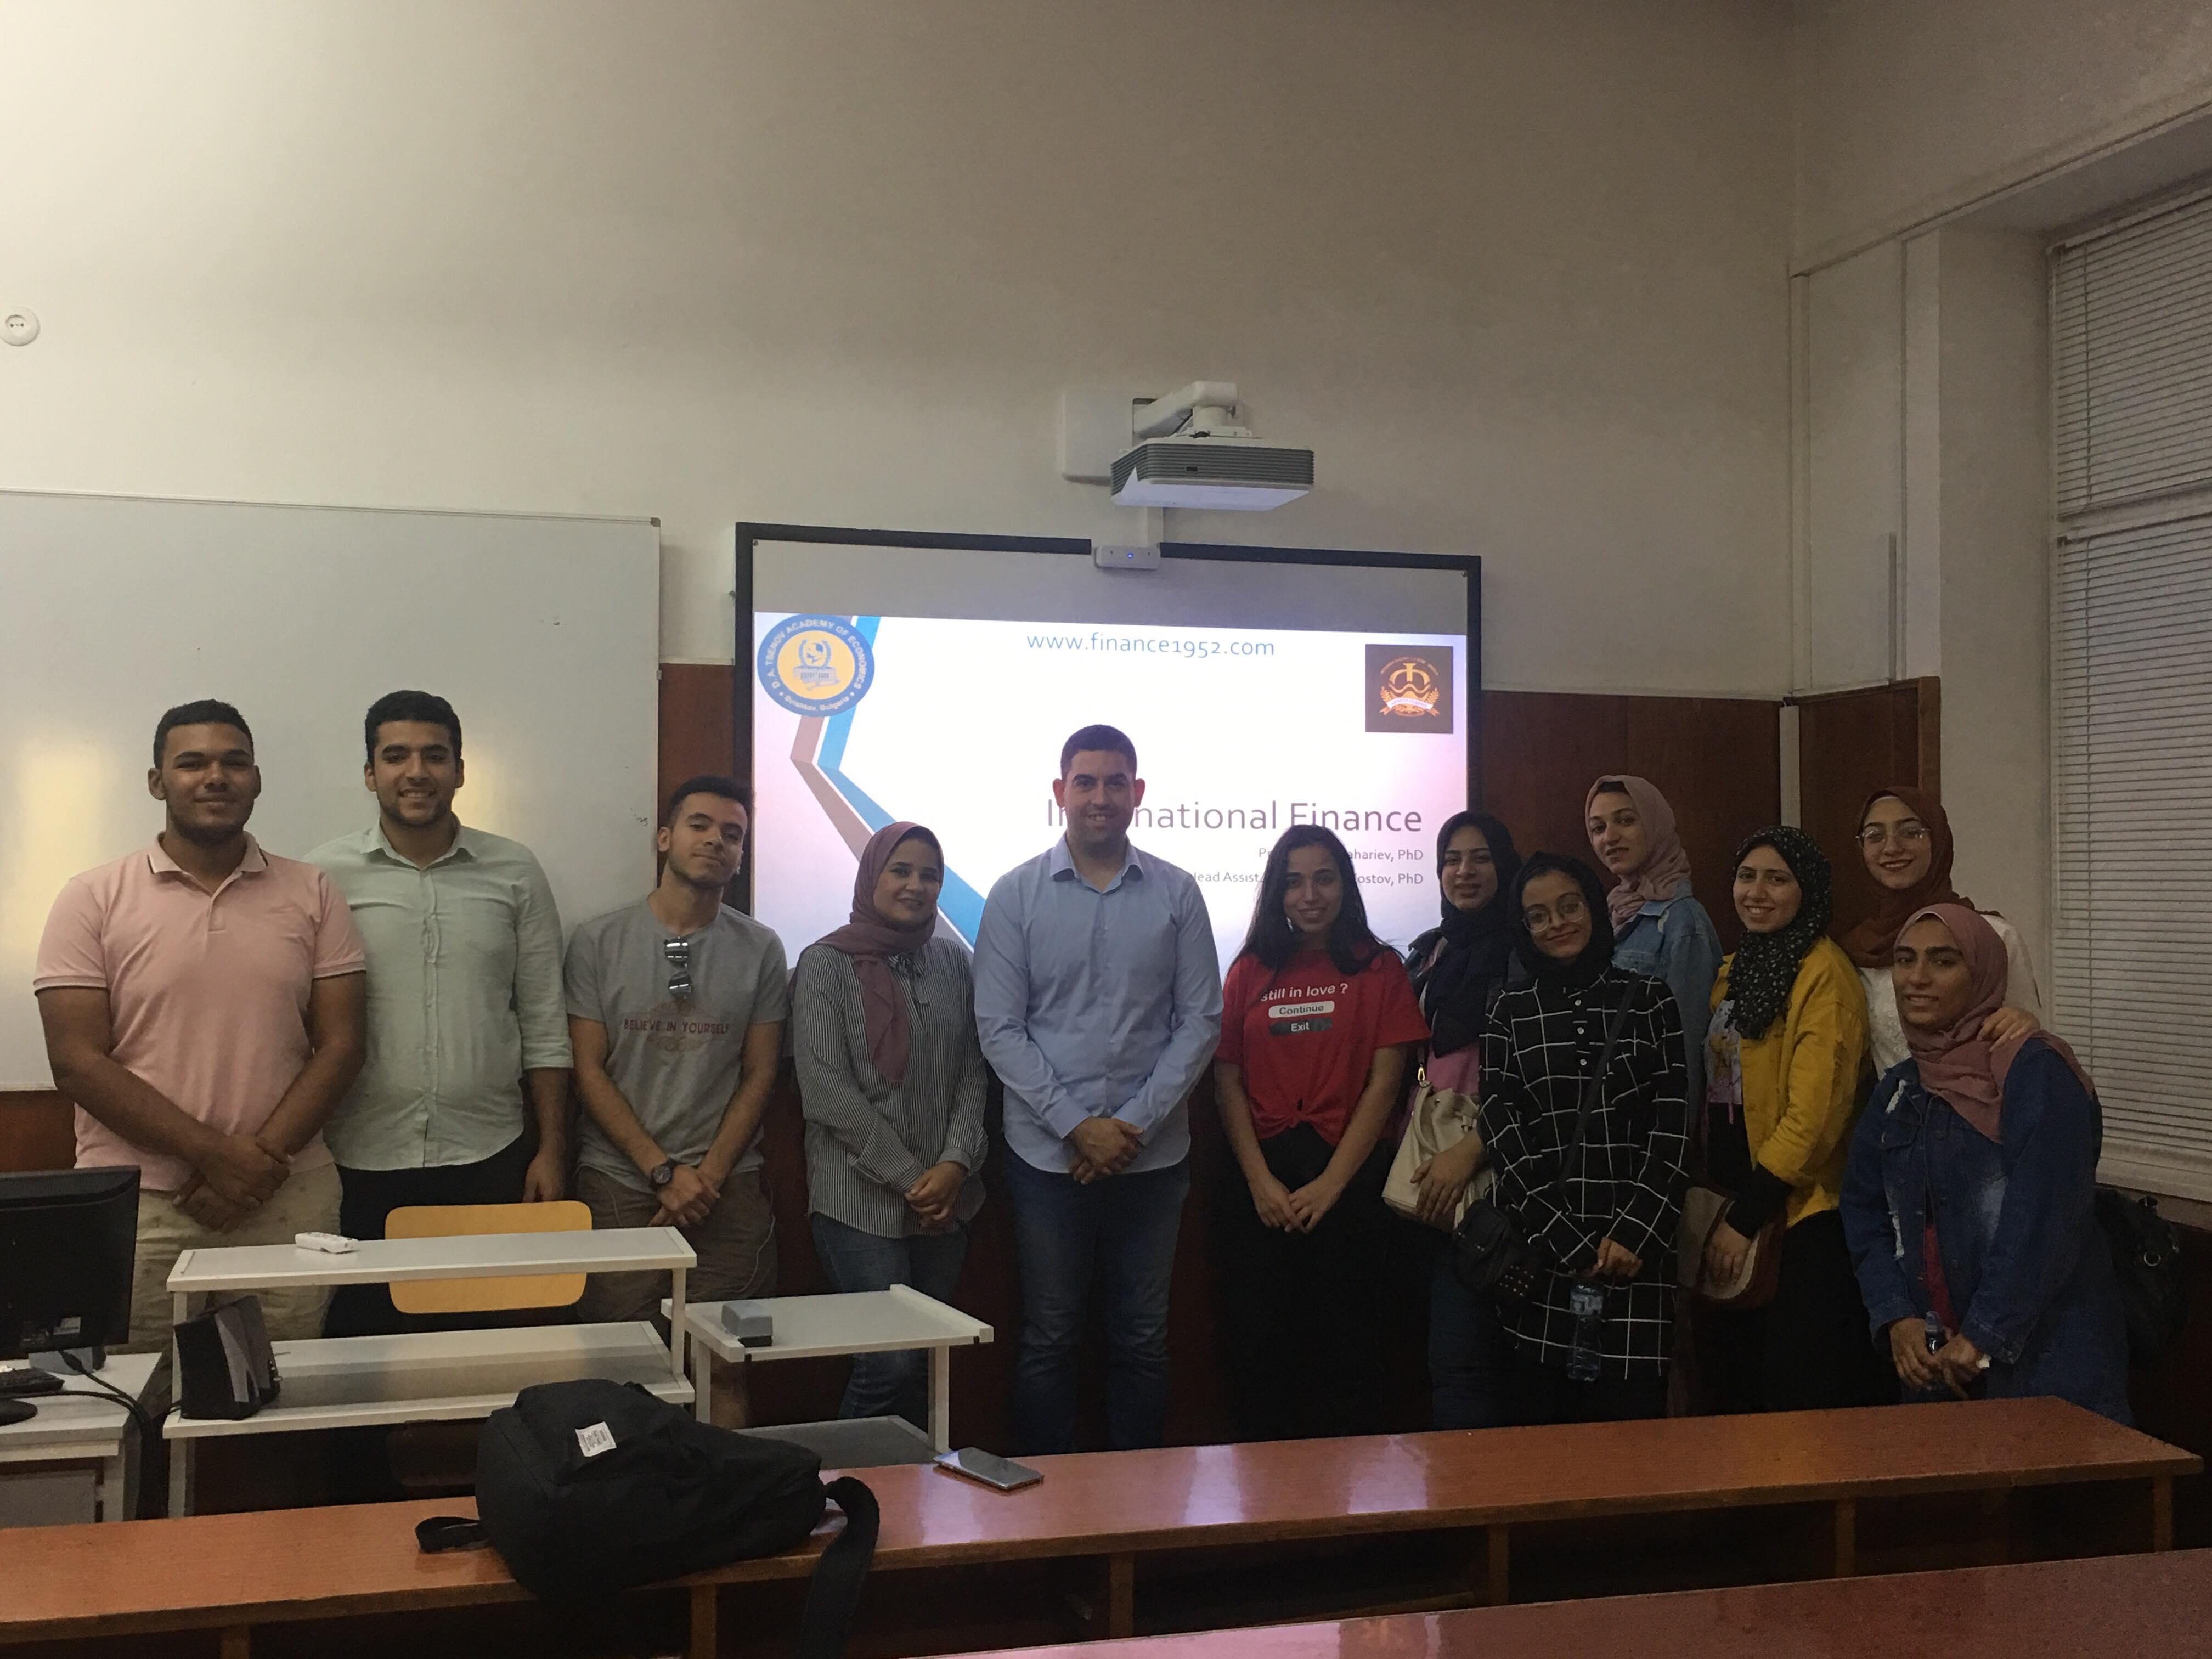 Гл. ас. д-р Димитър Костов с лекция по международни финанси в рамките на лятно училище за египетски студенти (6.9.2019 г.)